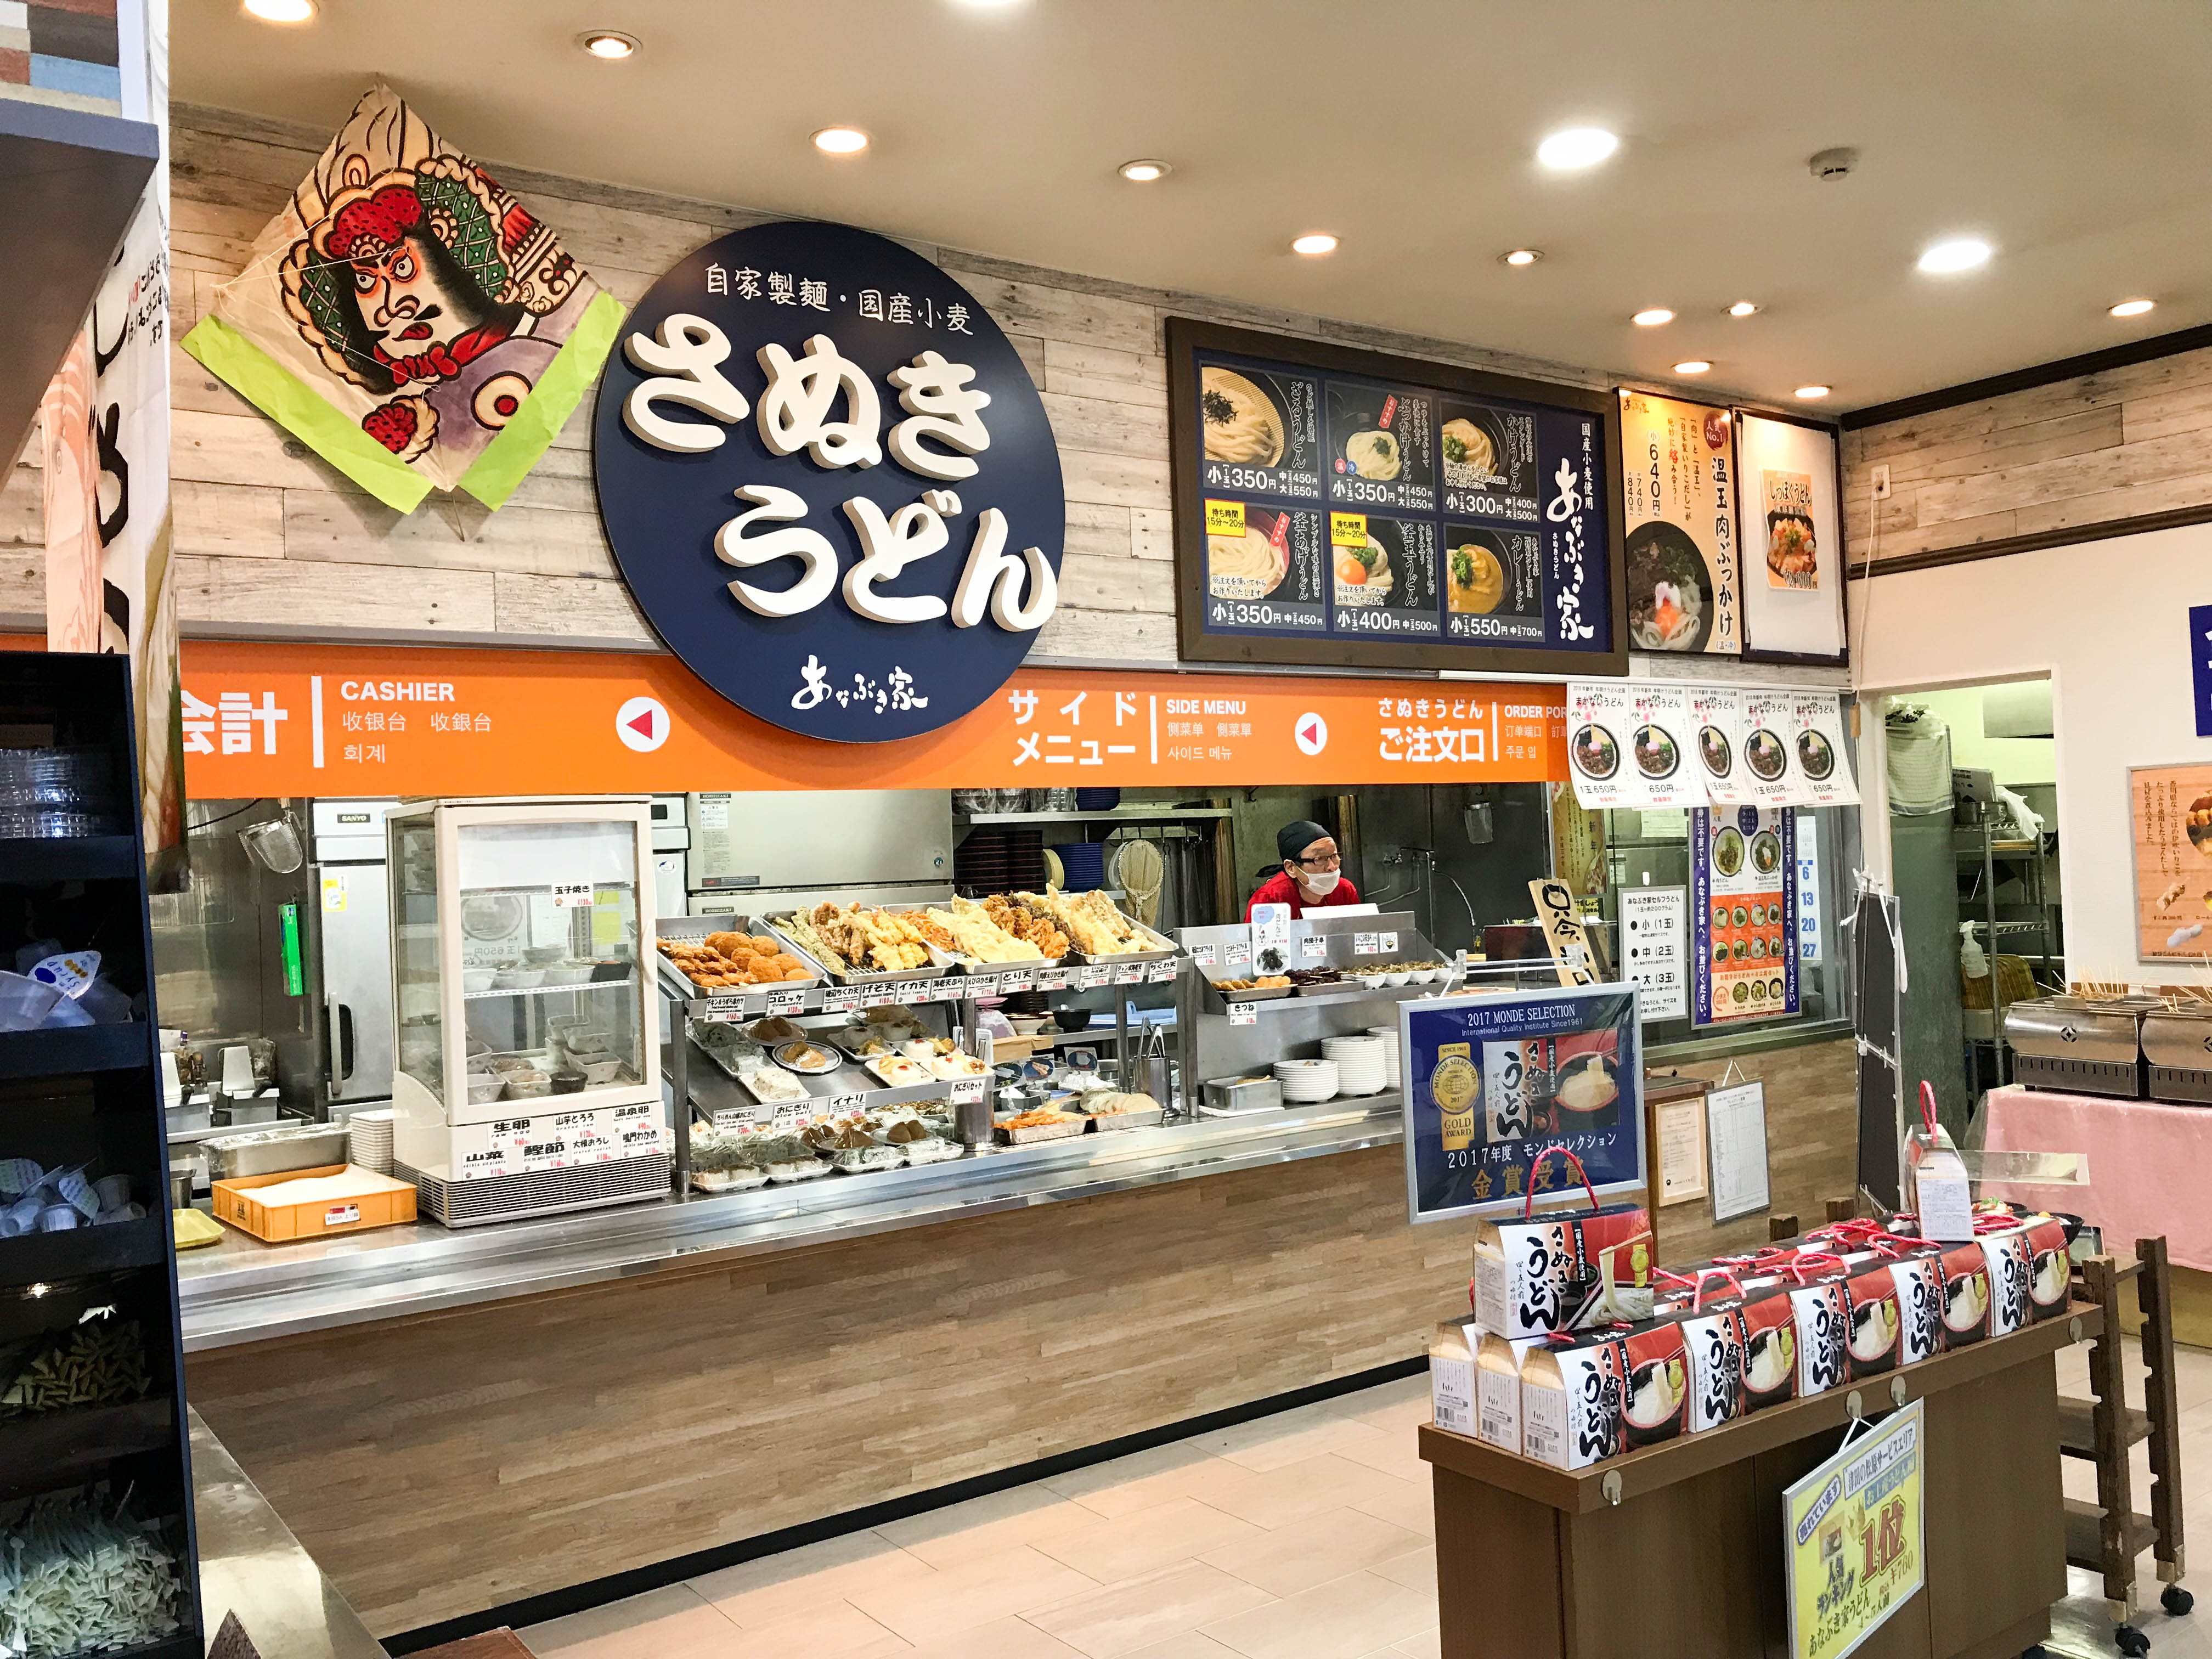 あなぶき家 津田の松原SA内のうどん店。四国最後のサービスエリアでうどんの食べ納めはいかがですか。